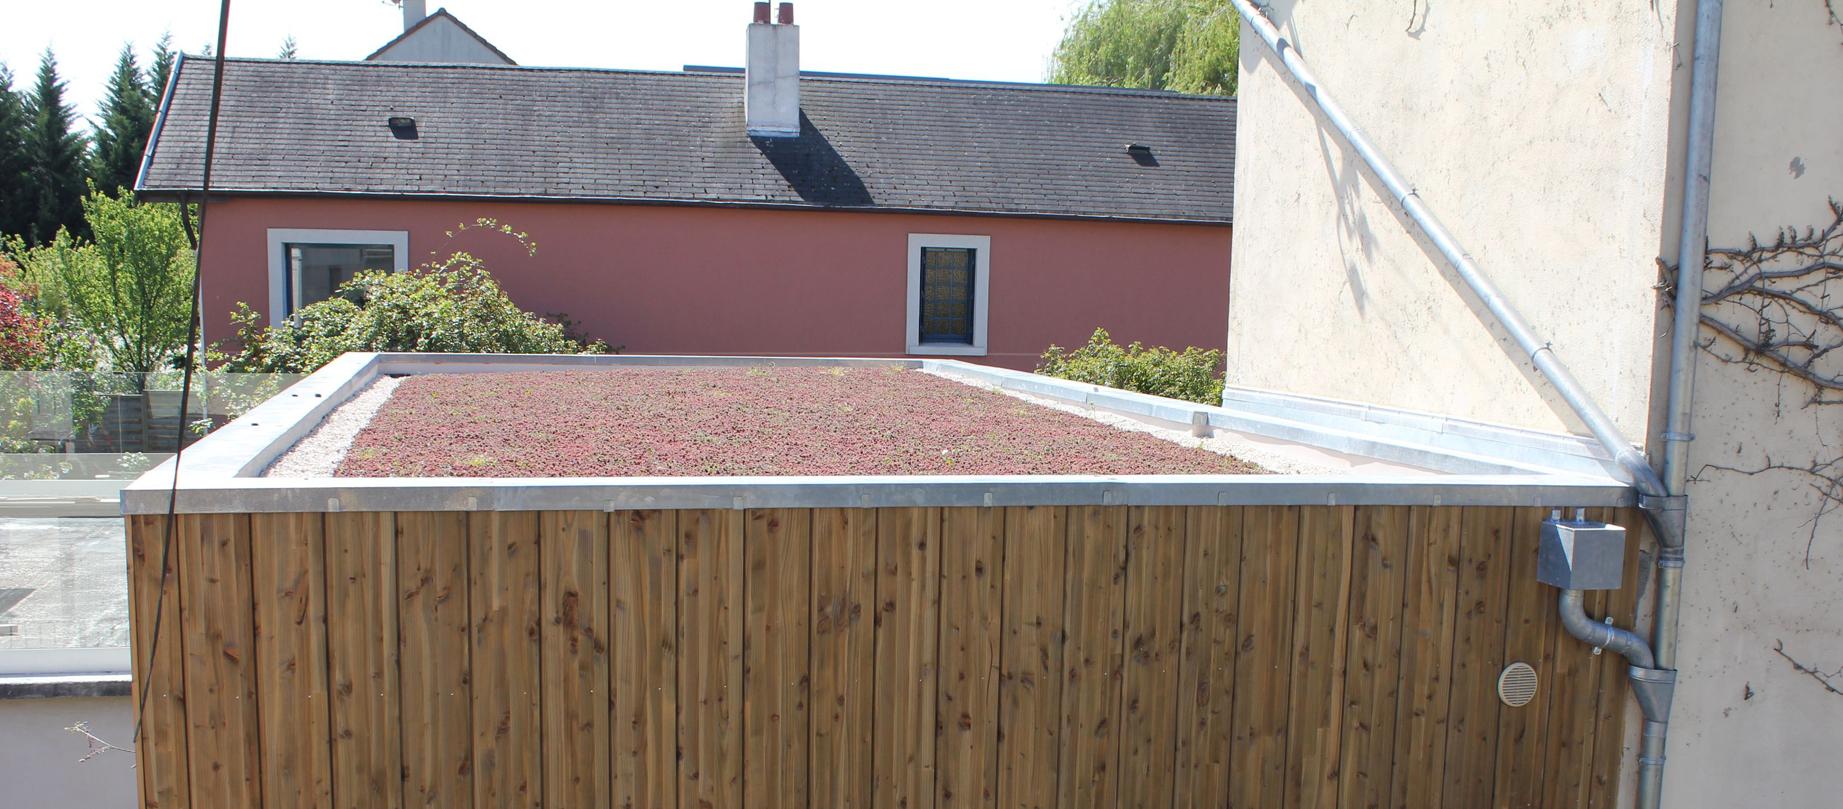 06_toiture vegetalisee.JPG